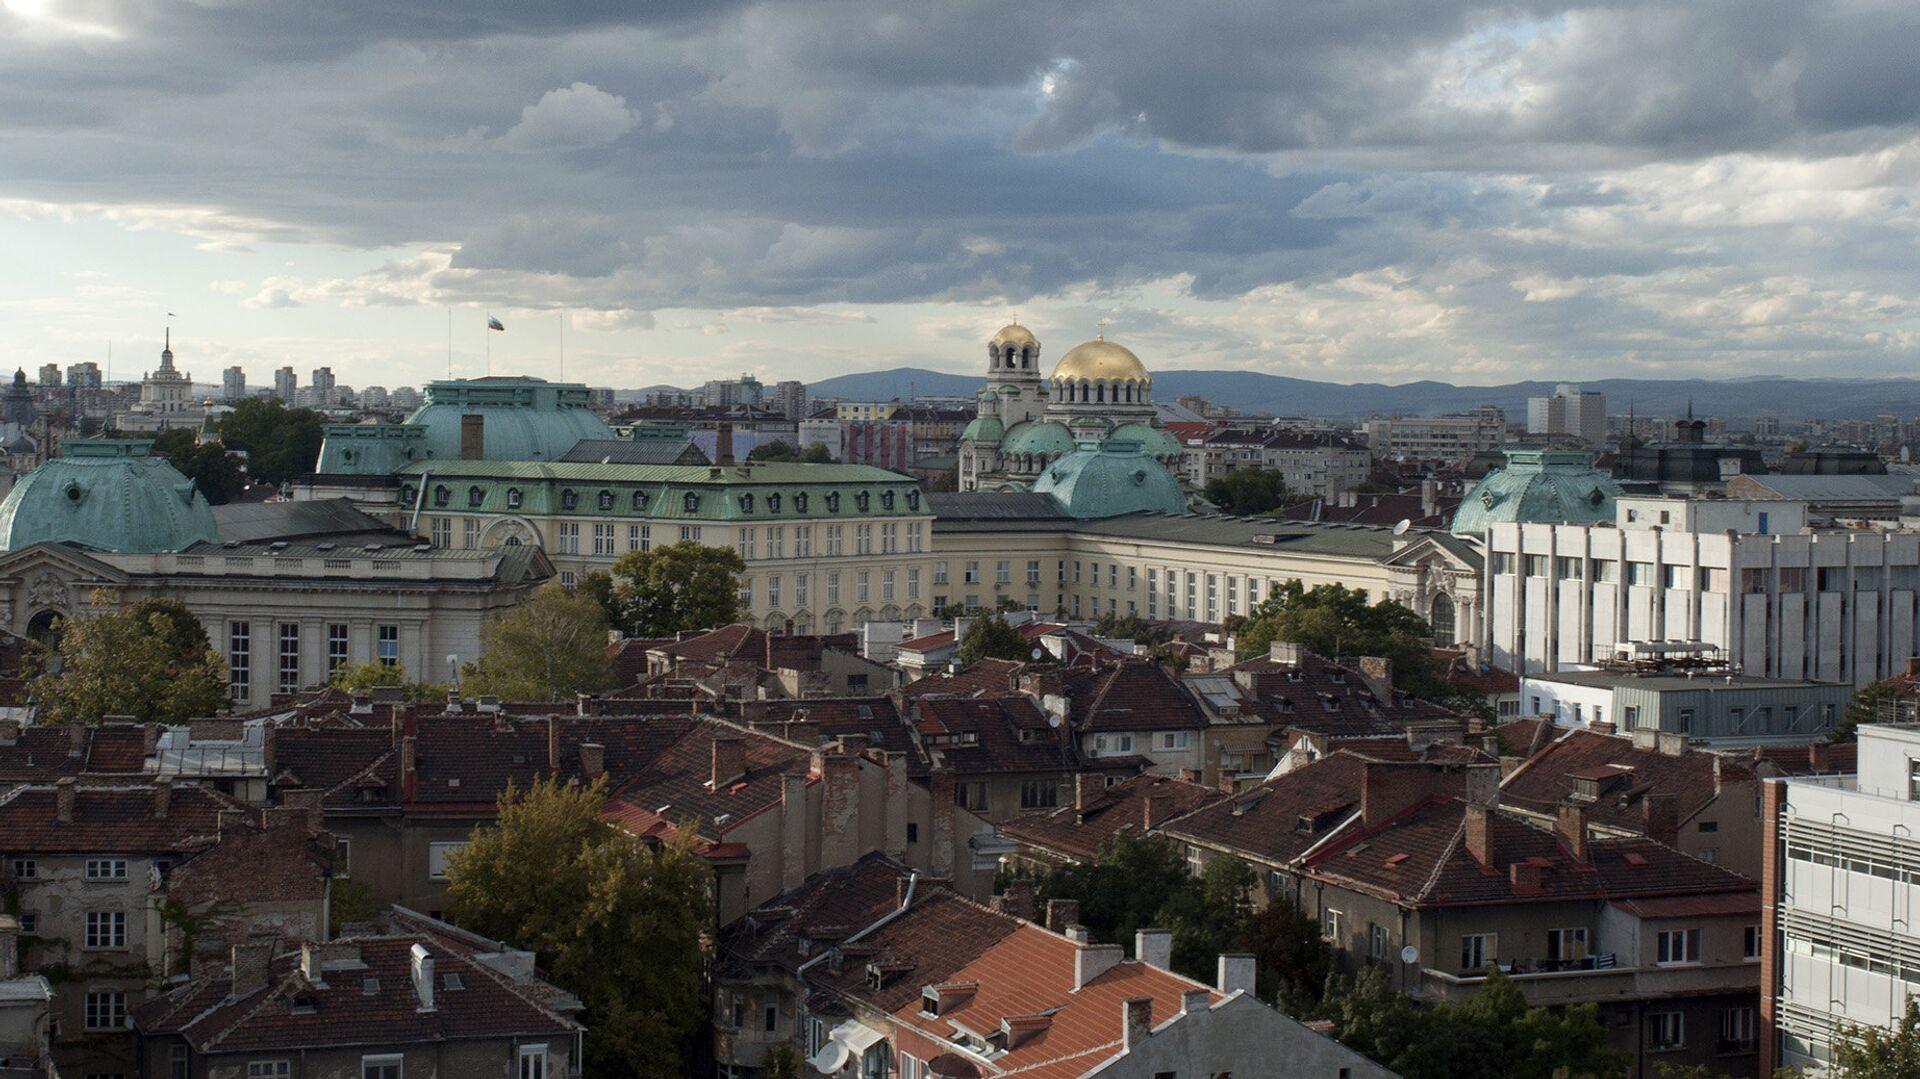 Вид на город София, Болгария - РИА Новости, 1920, 22.03.2021